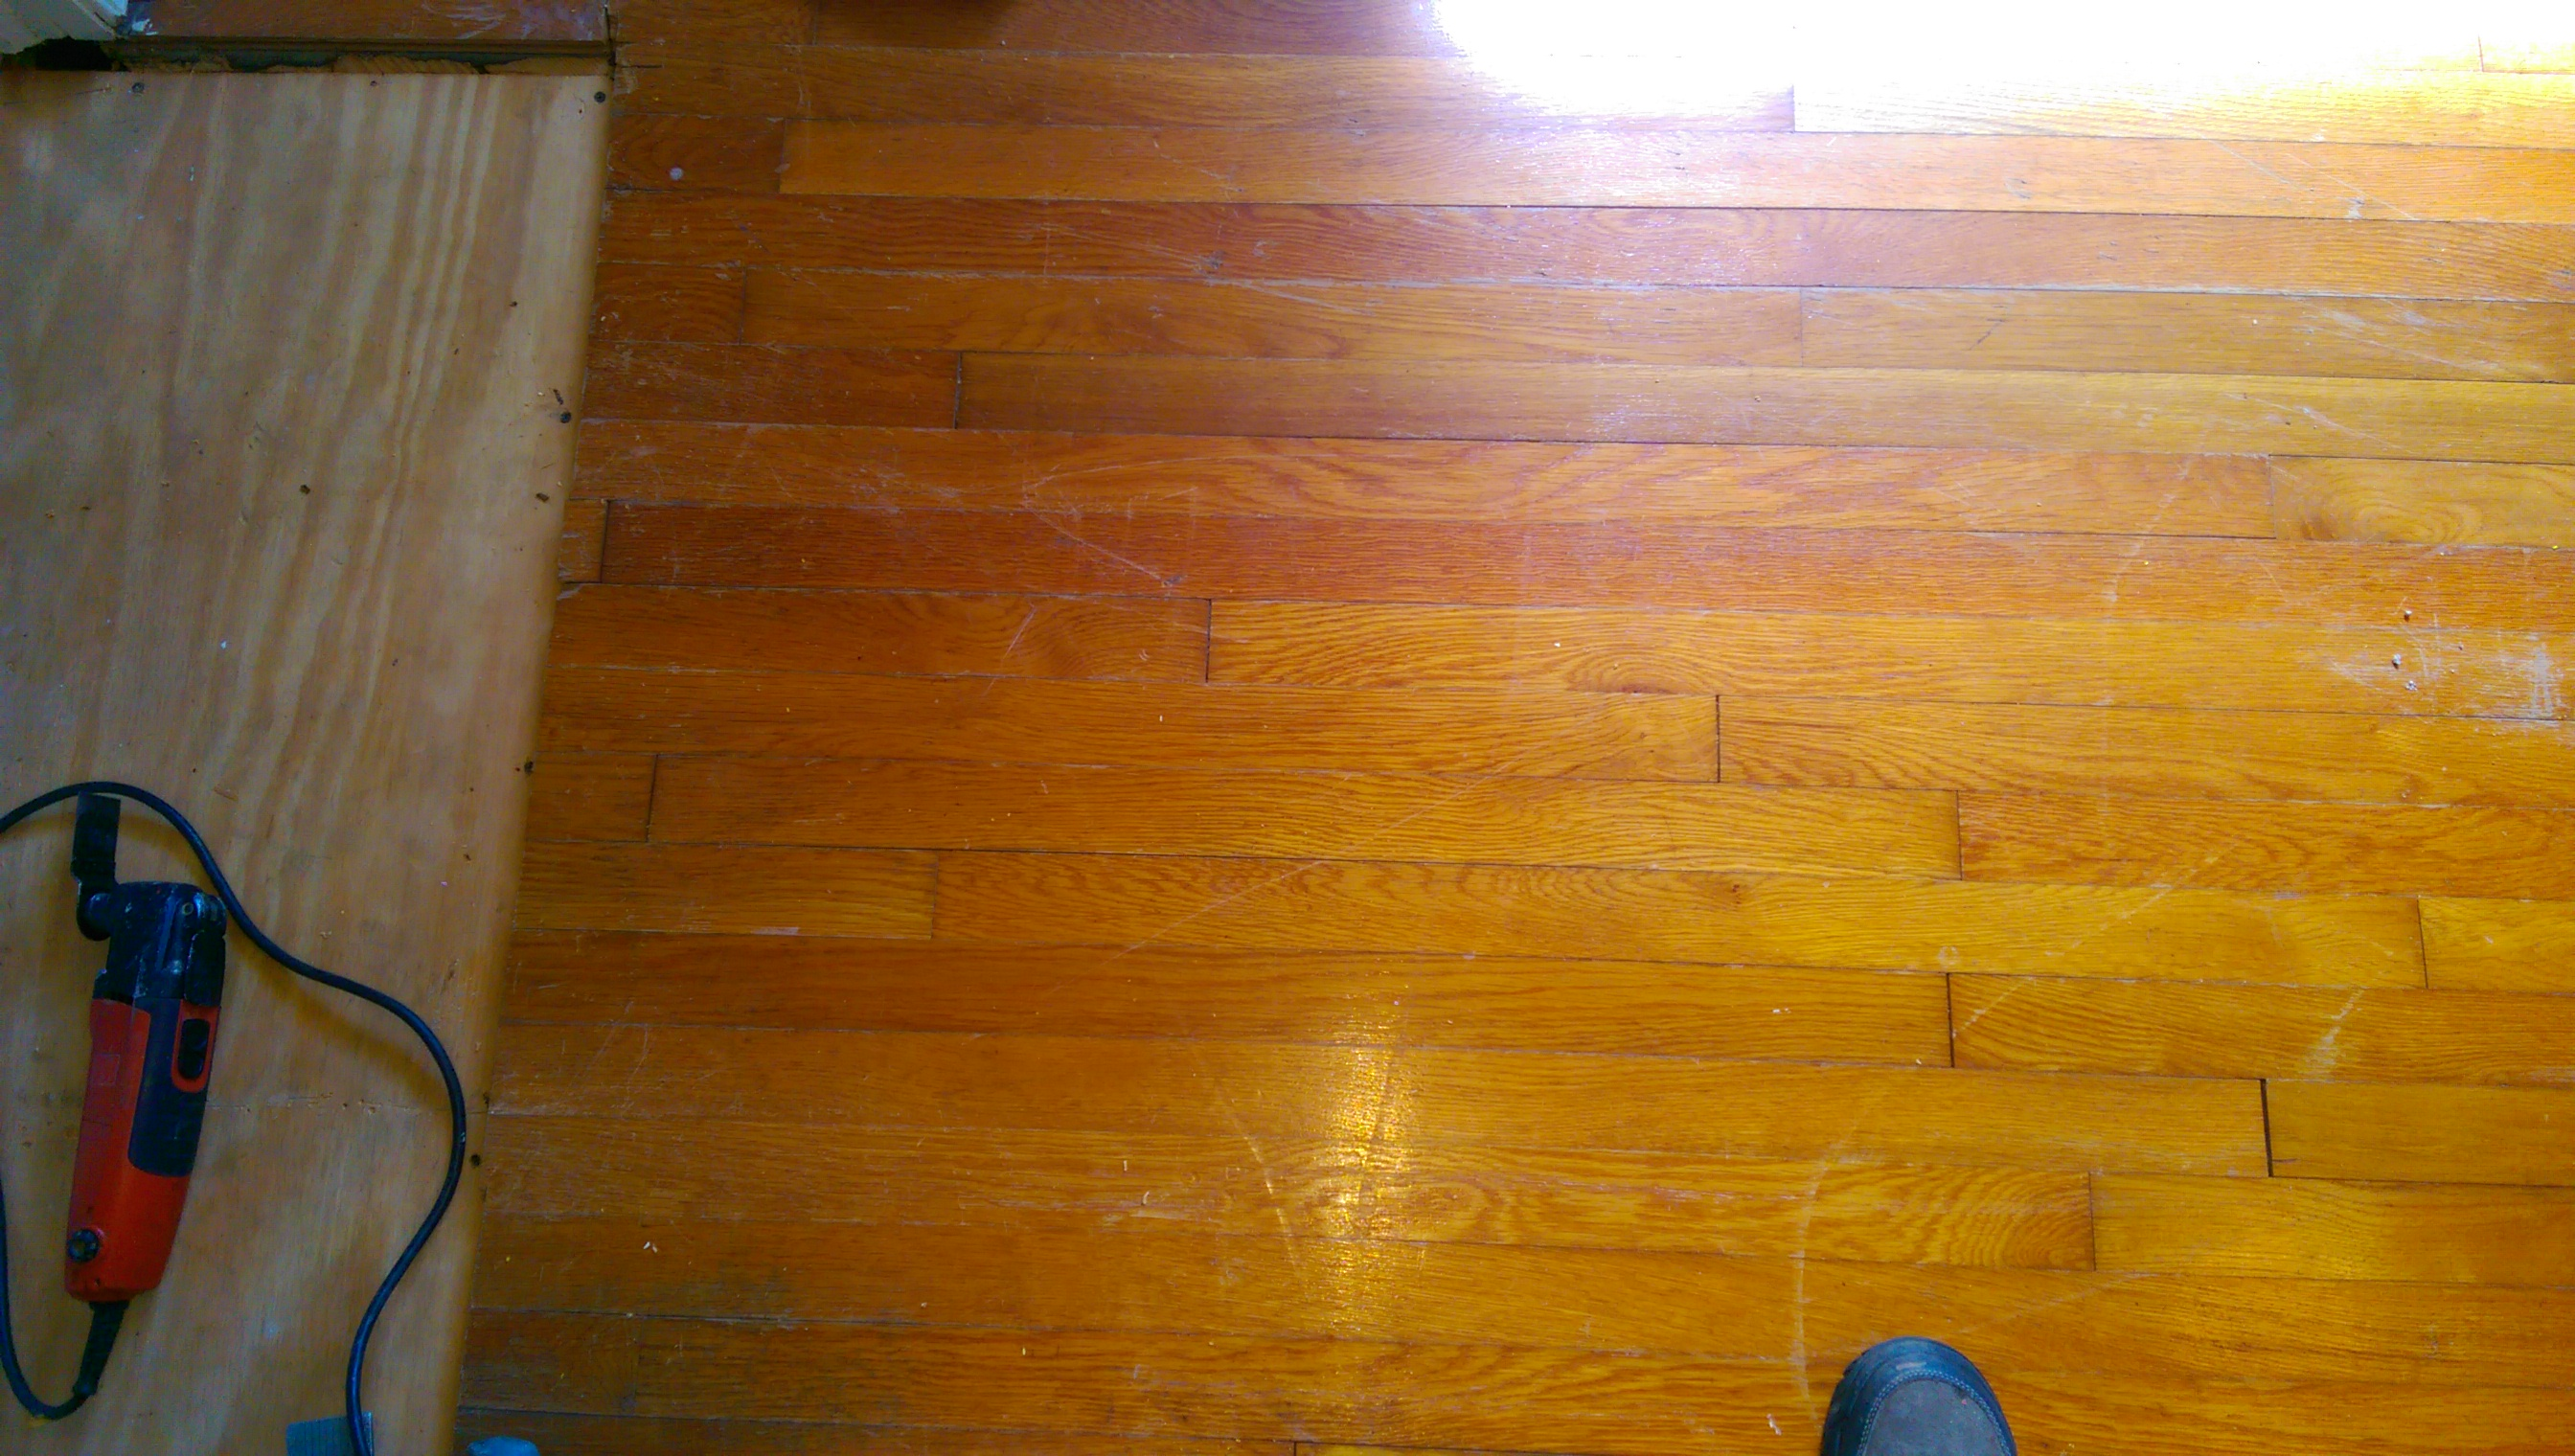 Toothing in hardwood floor repair question ?-hardwood-floor-repair-030718.jpg